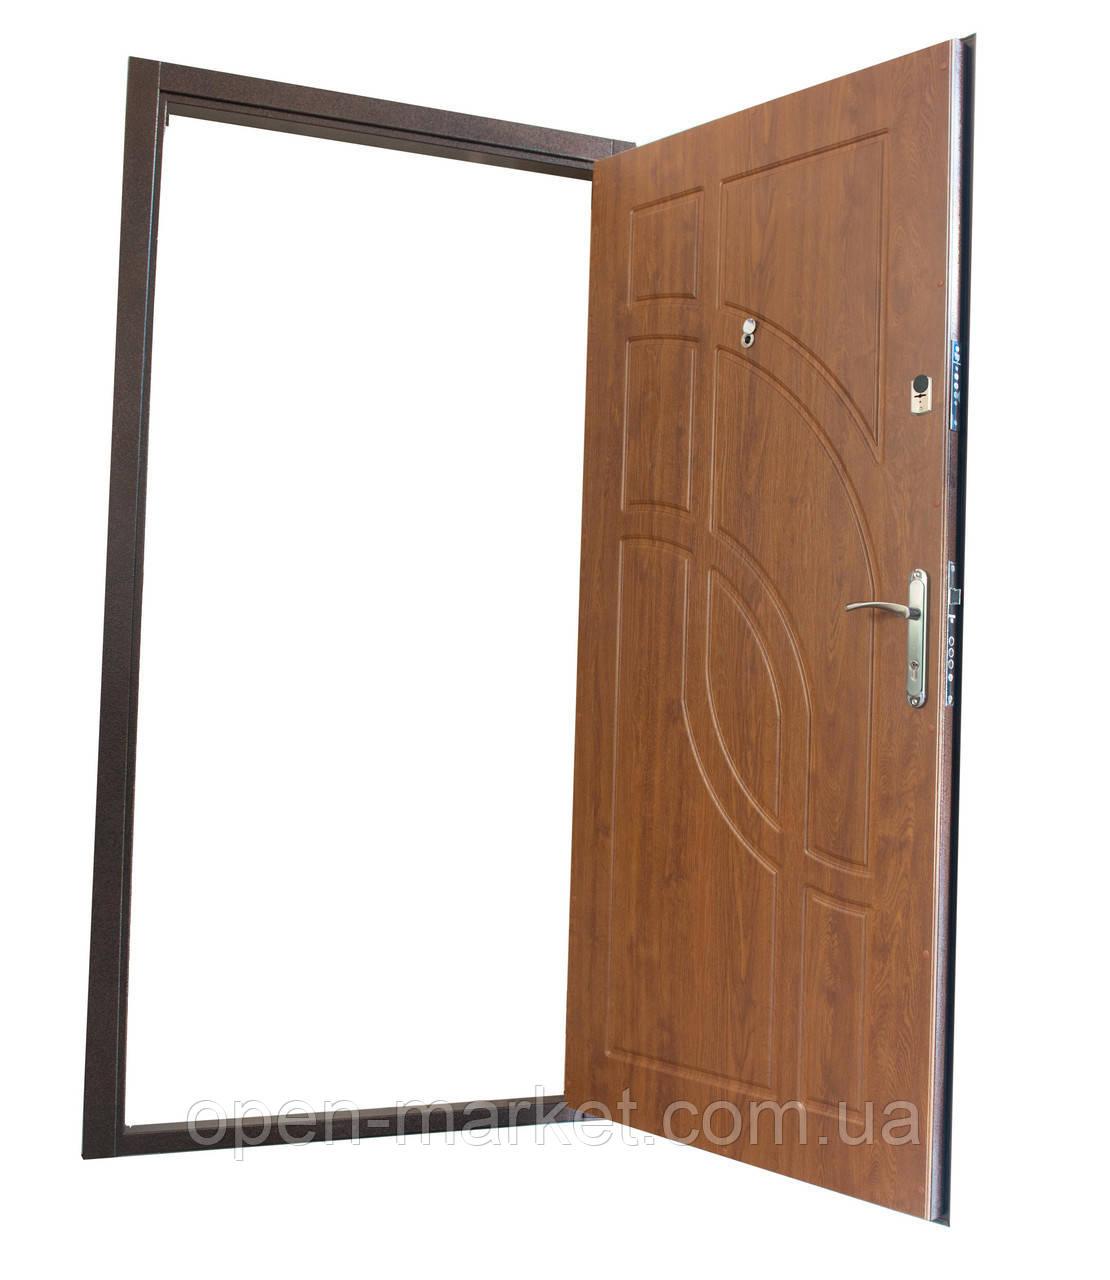 Двери уличные Пересадовка Николаевская область